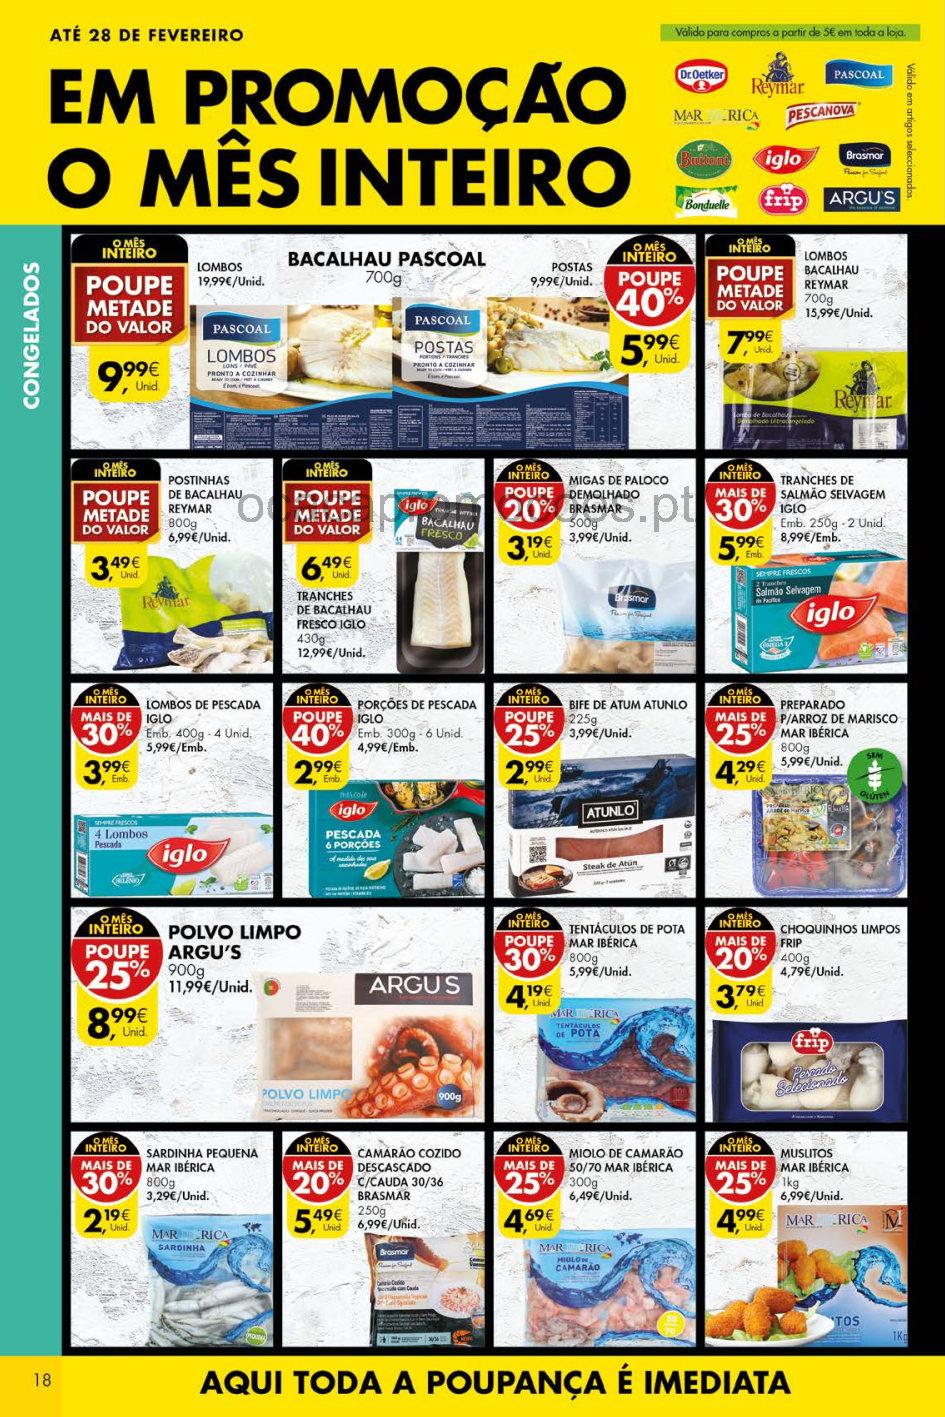 pingo doce folheto lojas grandes 16 22 fevereiro Page18